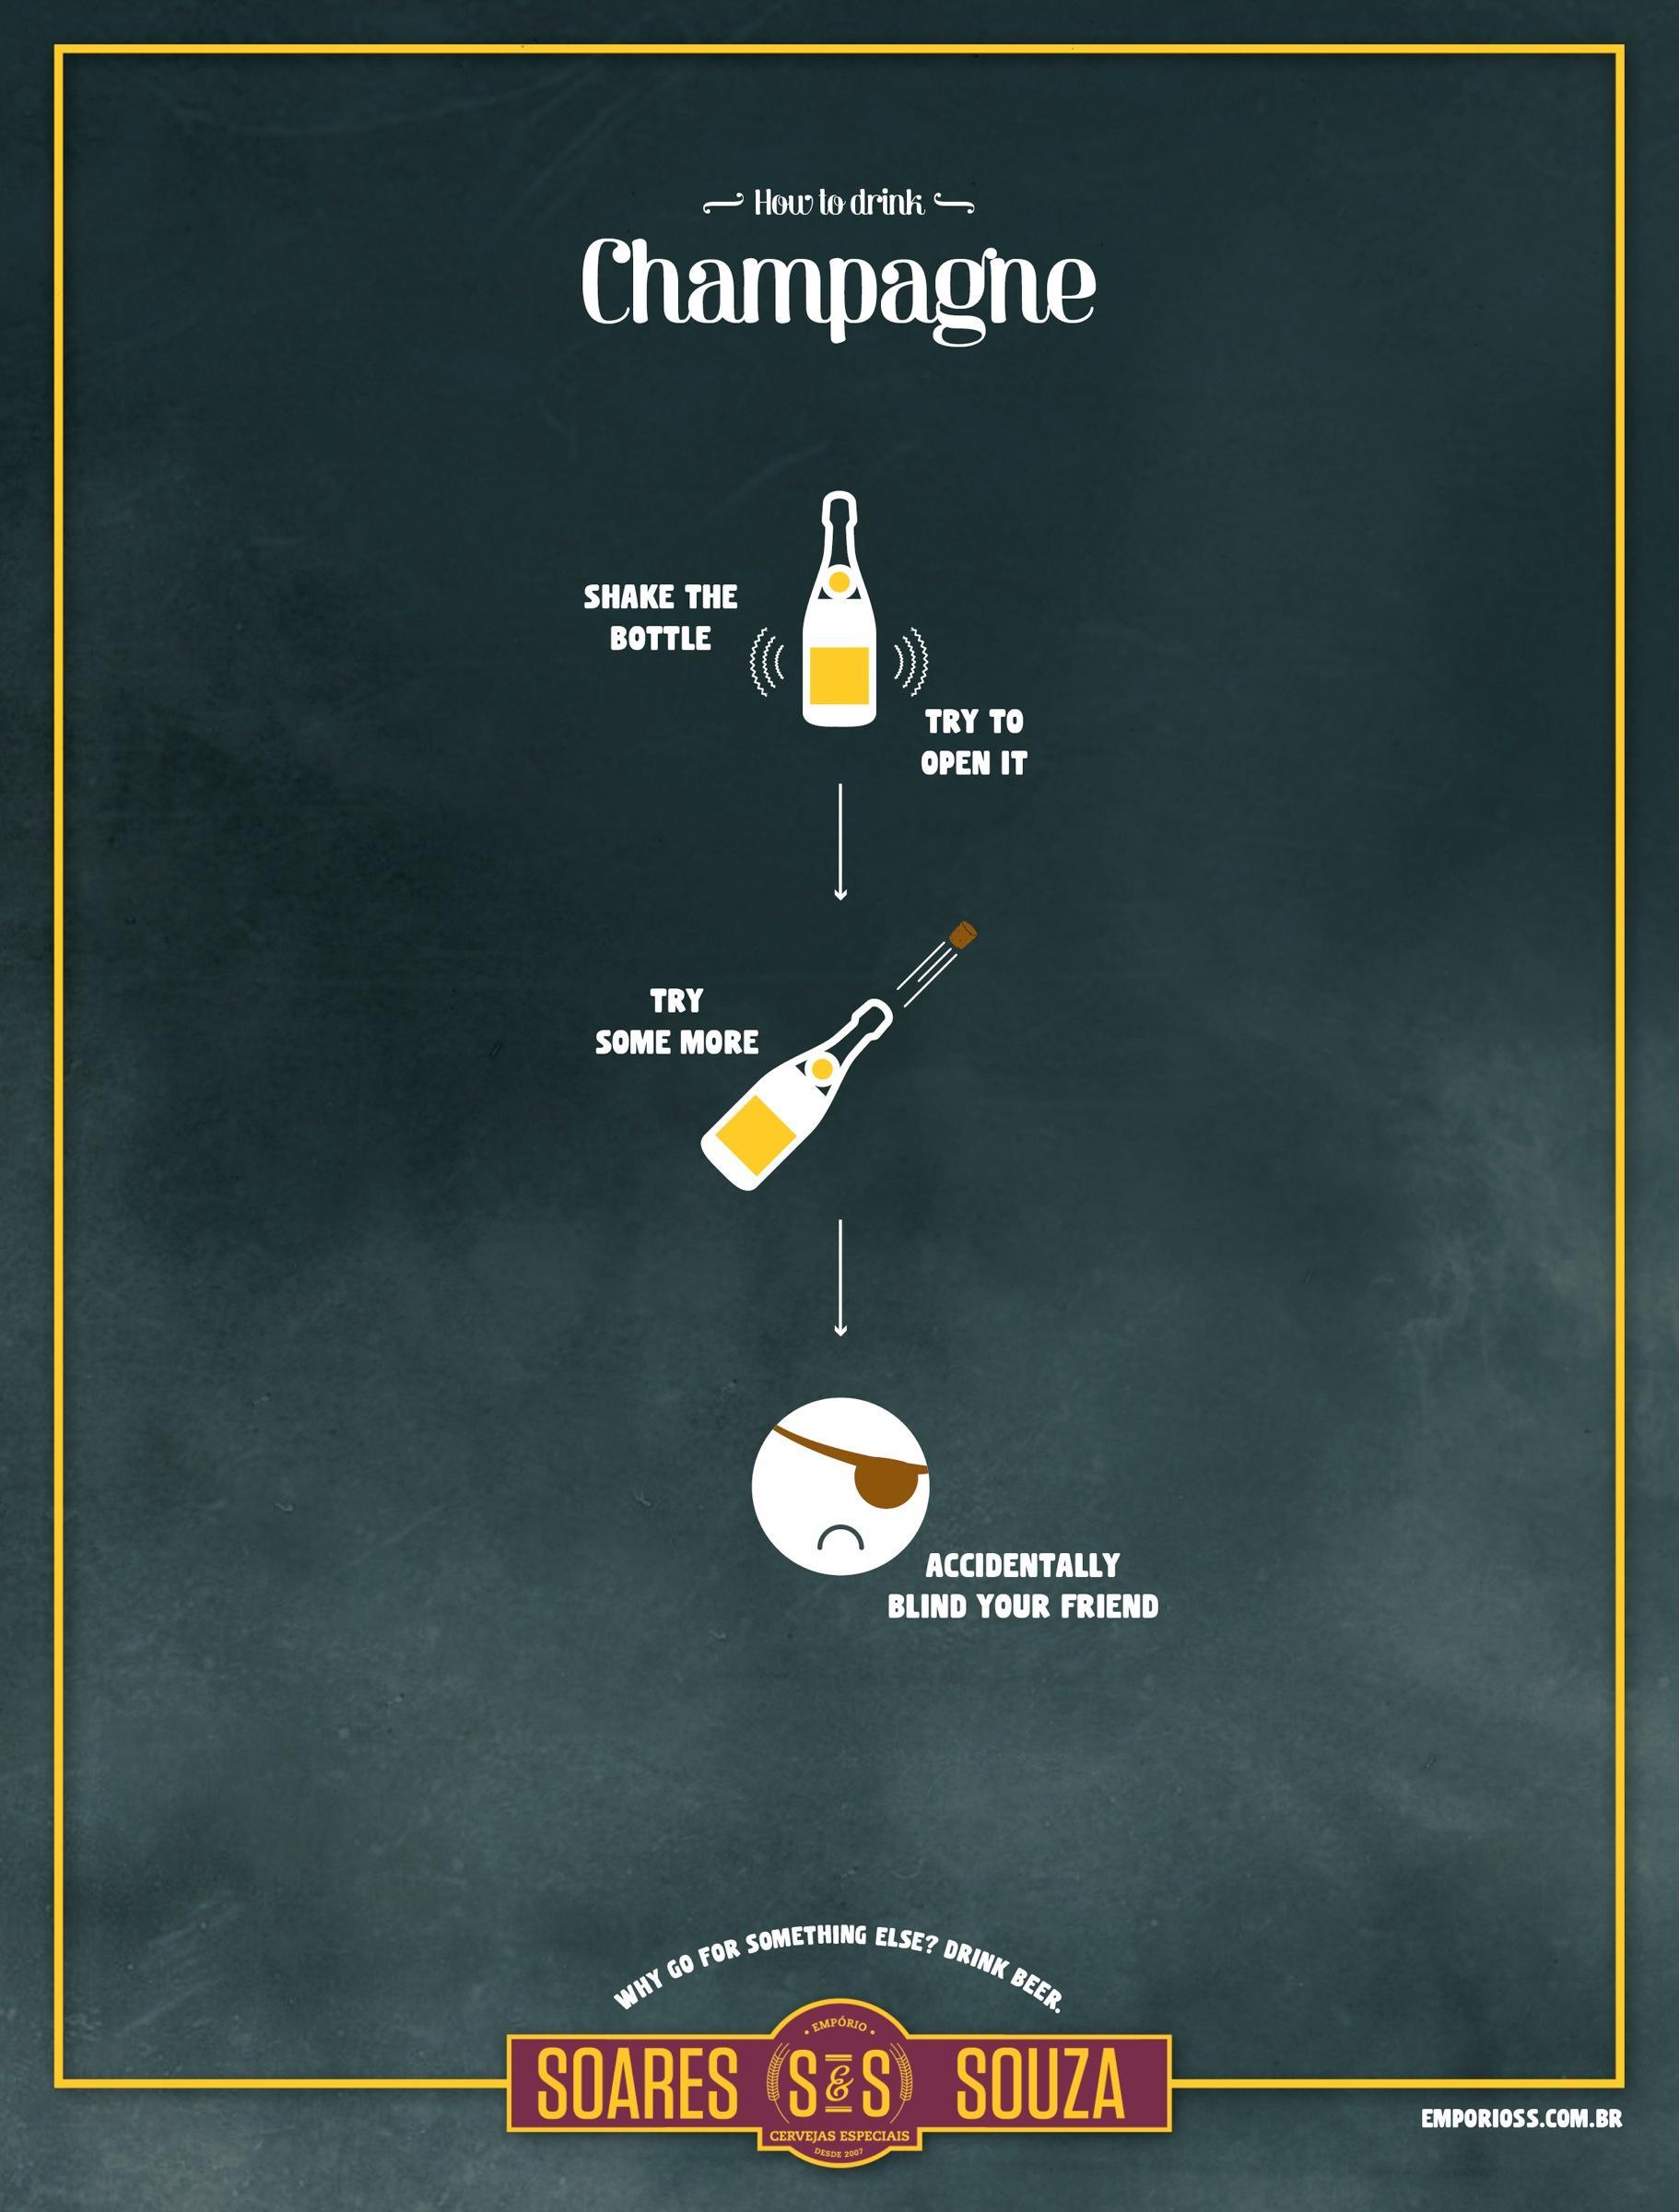 Emporio Soares & Souza Print Ad -  Champagne